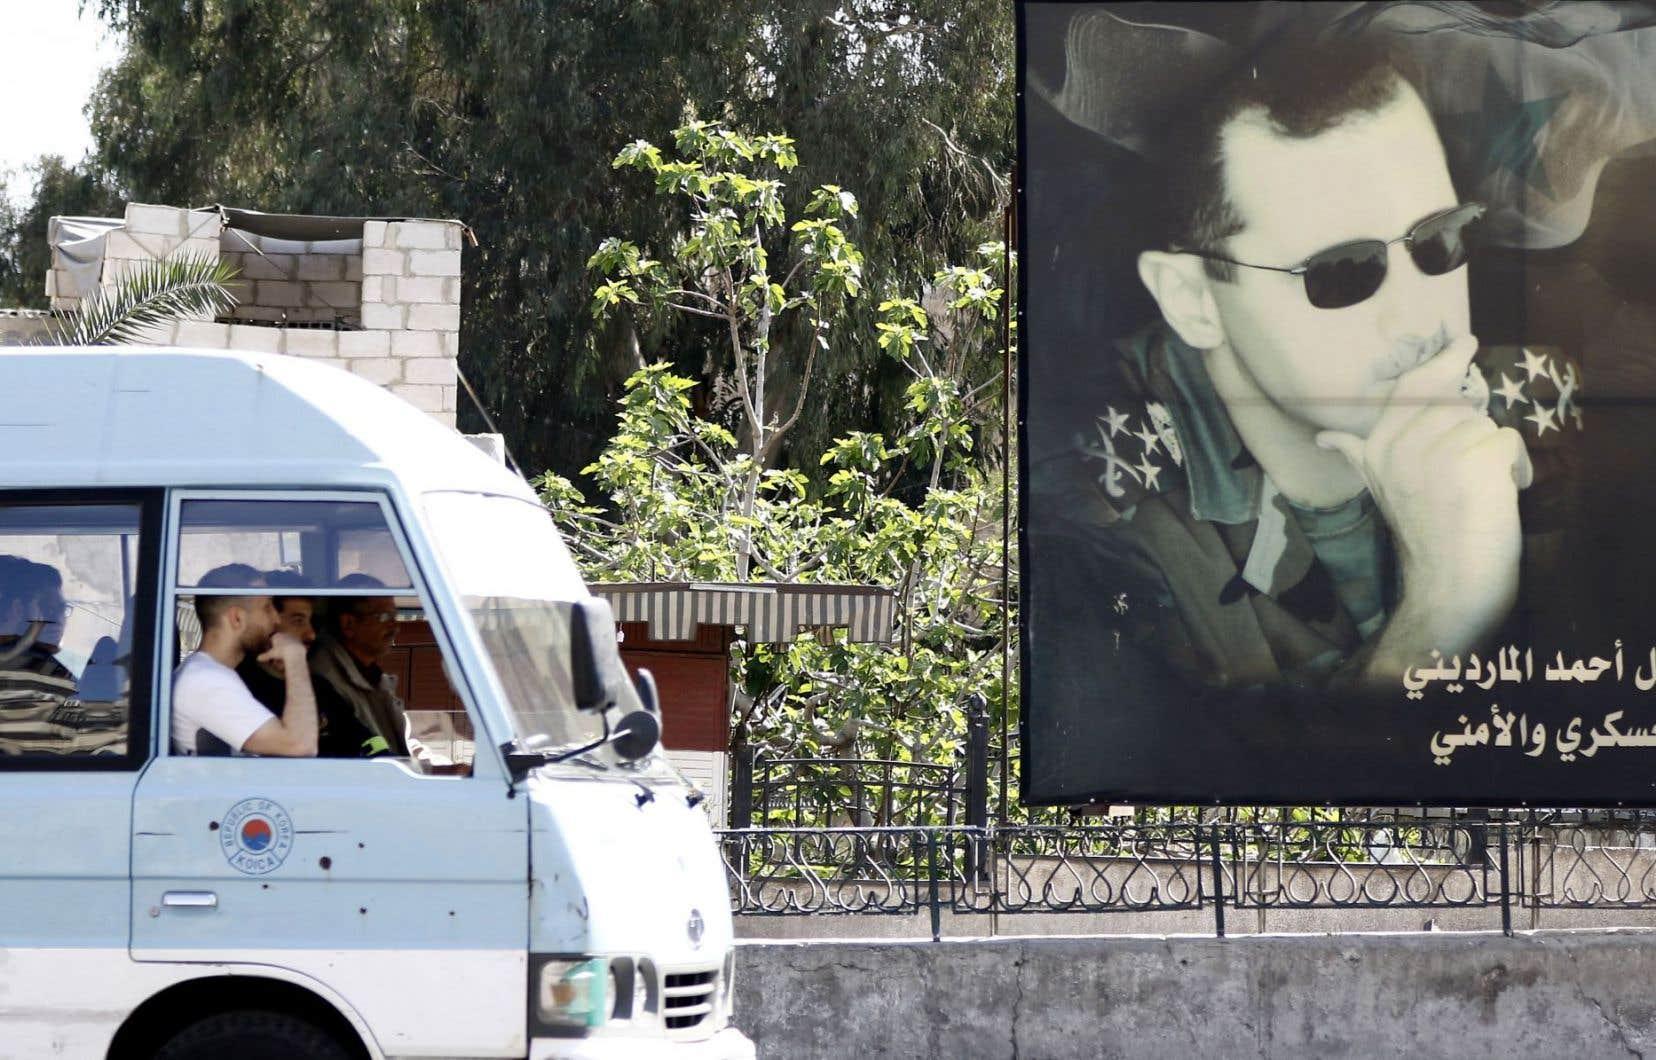 Les États-Unis ont servi un avertissement au dictateur Bachar al-Assad, dont le portrait est souvent affiché dans les endroits publics à Damas, qu'il ne pourra plus utiliser les armes chimiques sans conséquences.